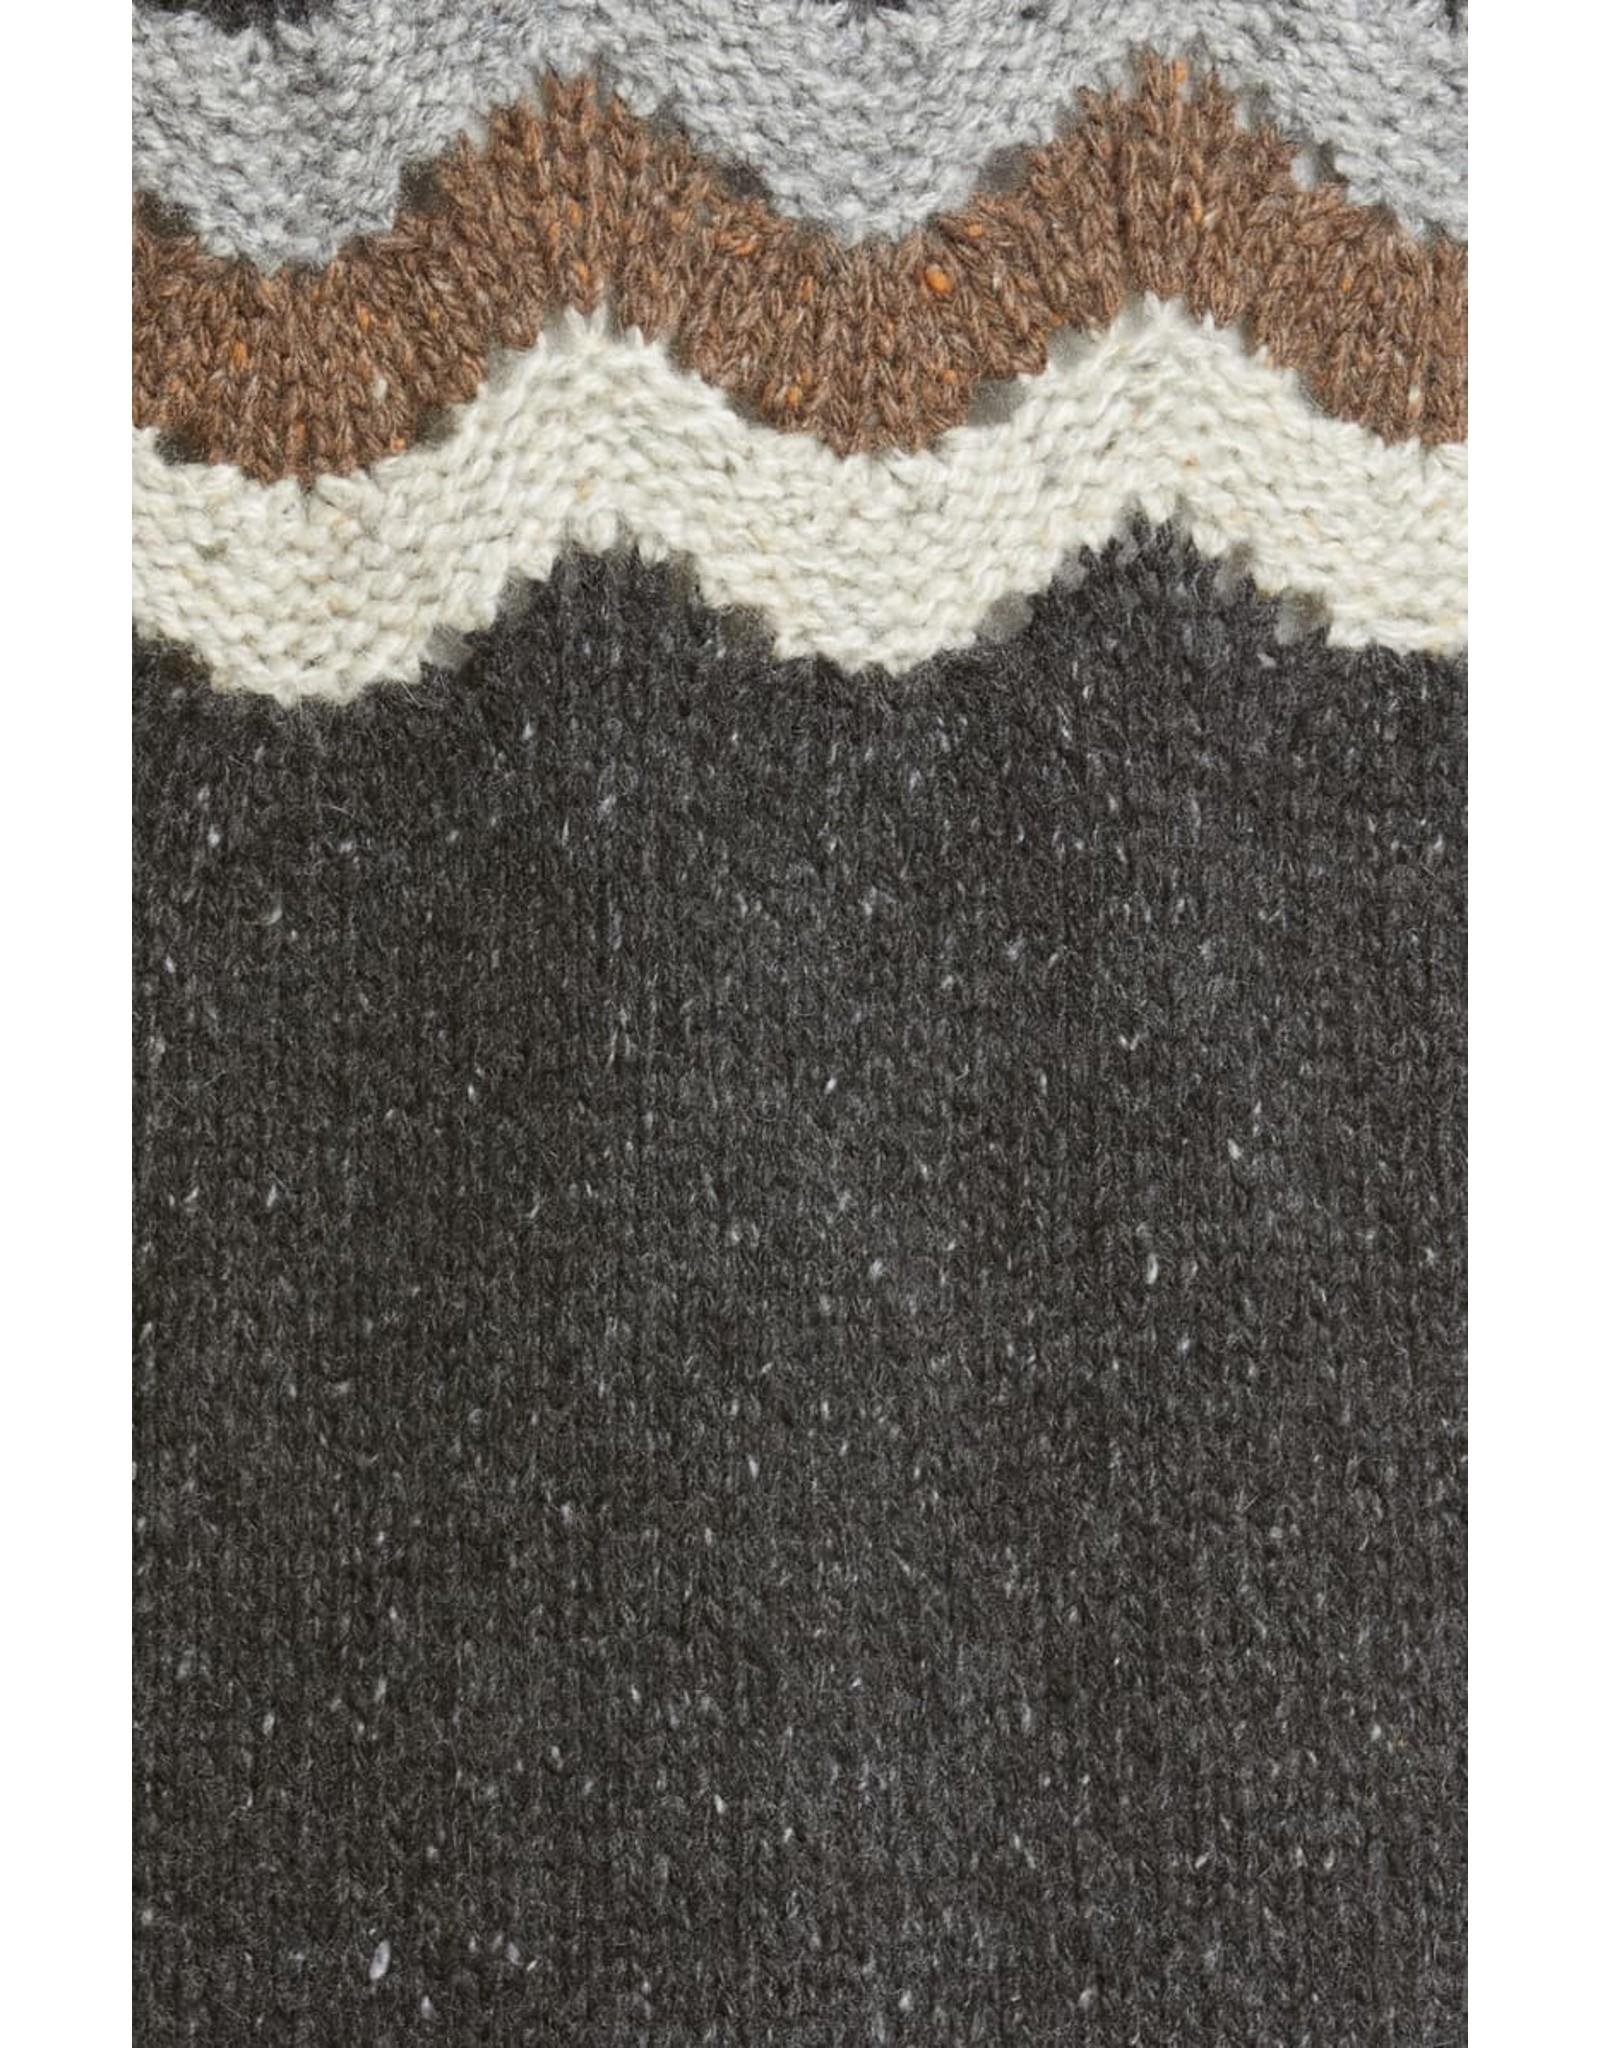 Autumn Cashmere RG11529 Wavy Stitch